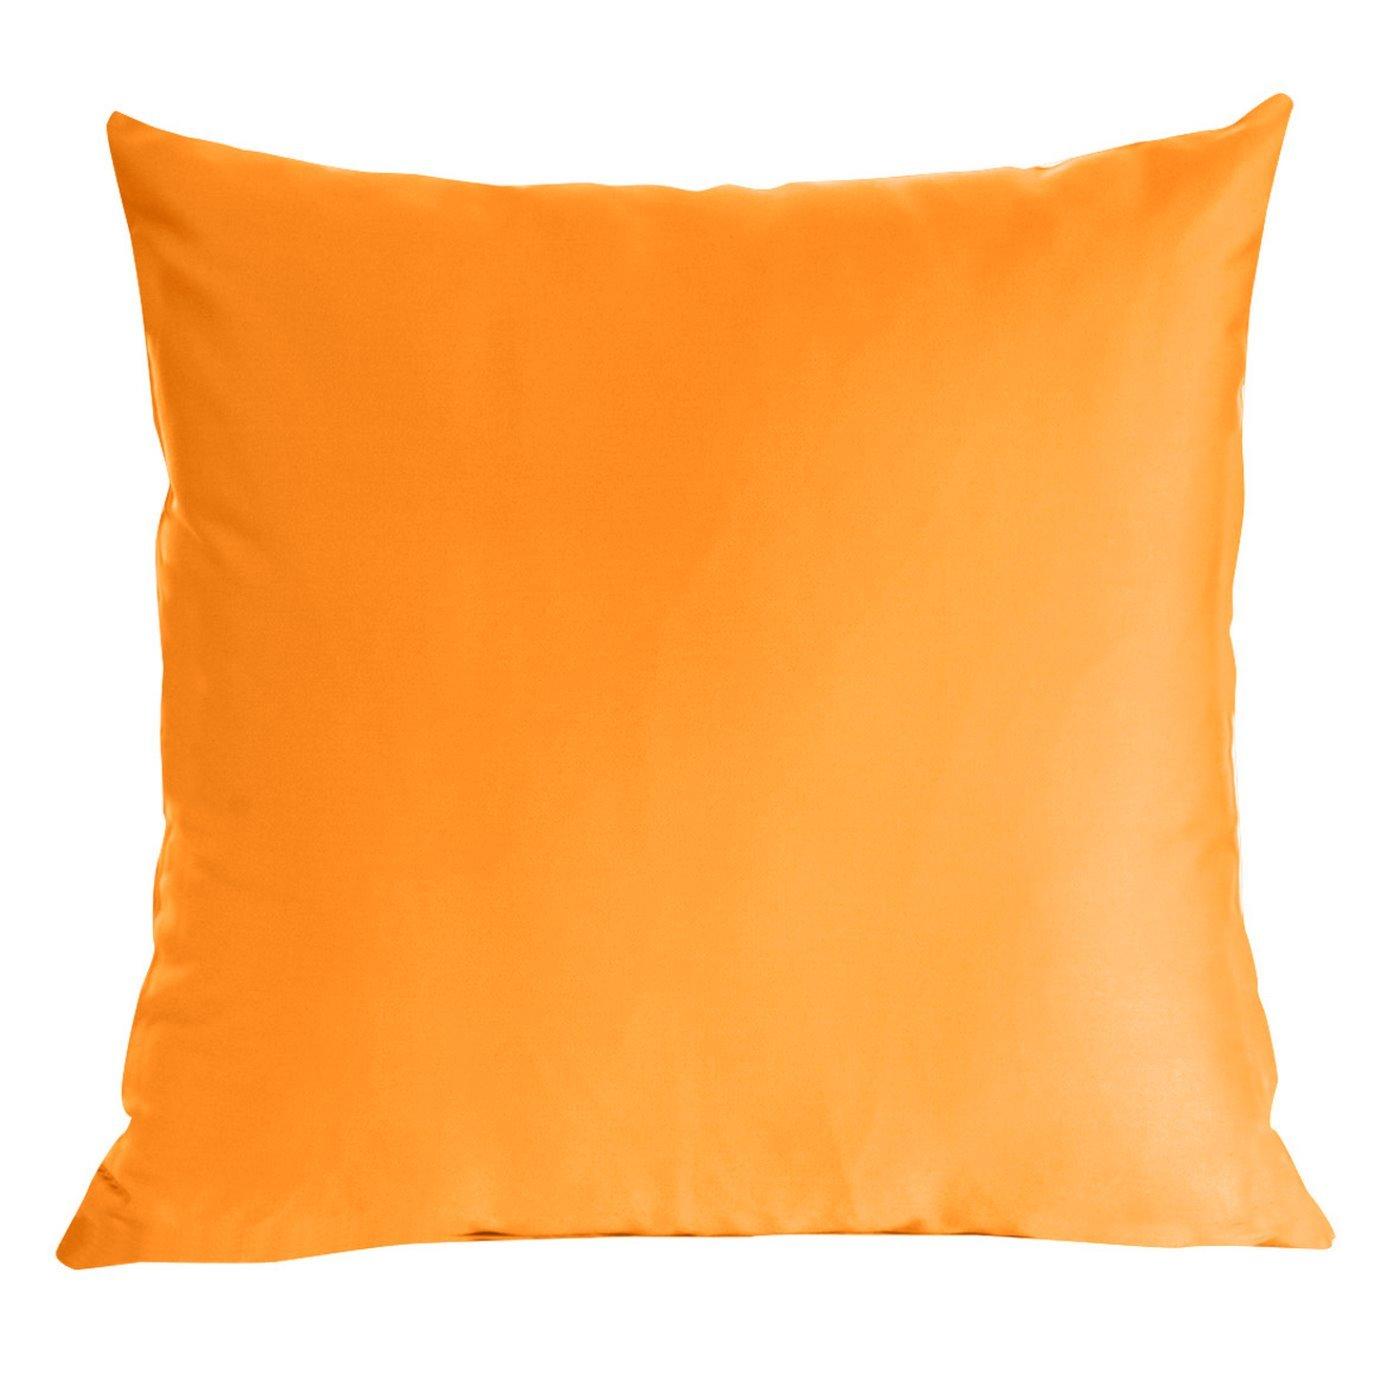 Poszewka na poduszkę pomarańczowa gładka 40 x 40 cm